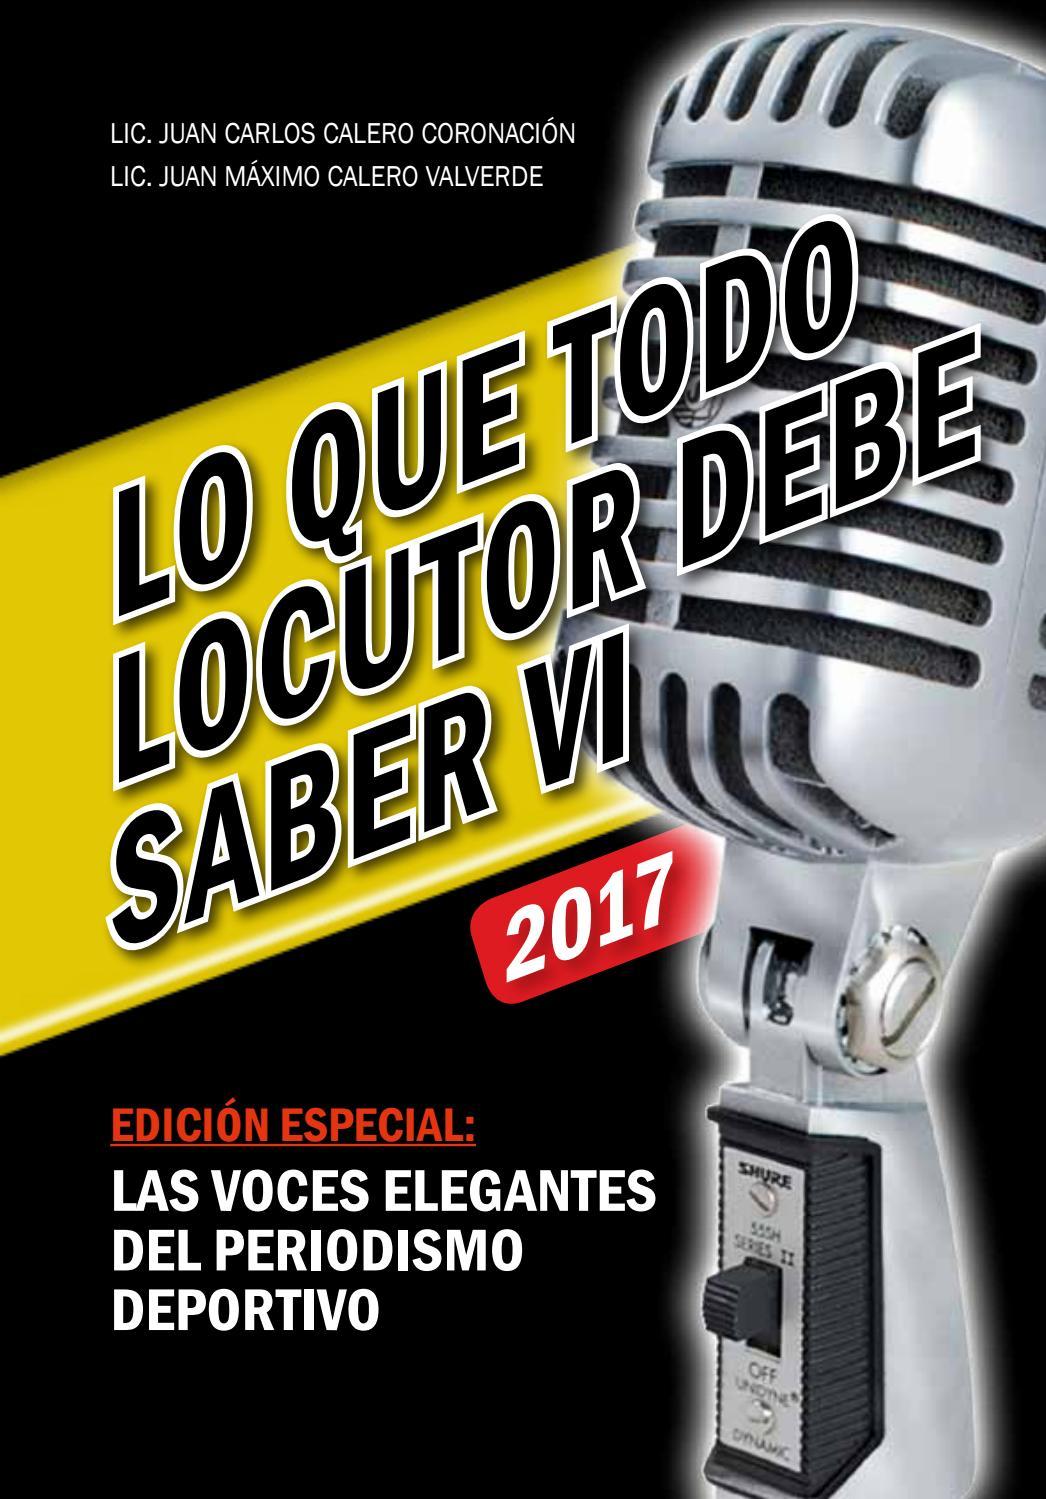 Lo Que Todo Locutor Debe Saber Vi 2017 By Juan Carlos Calero